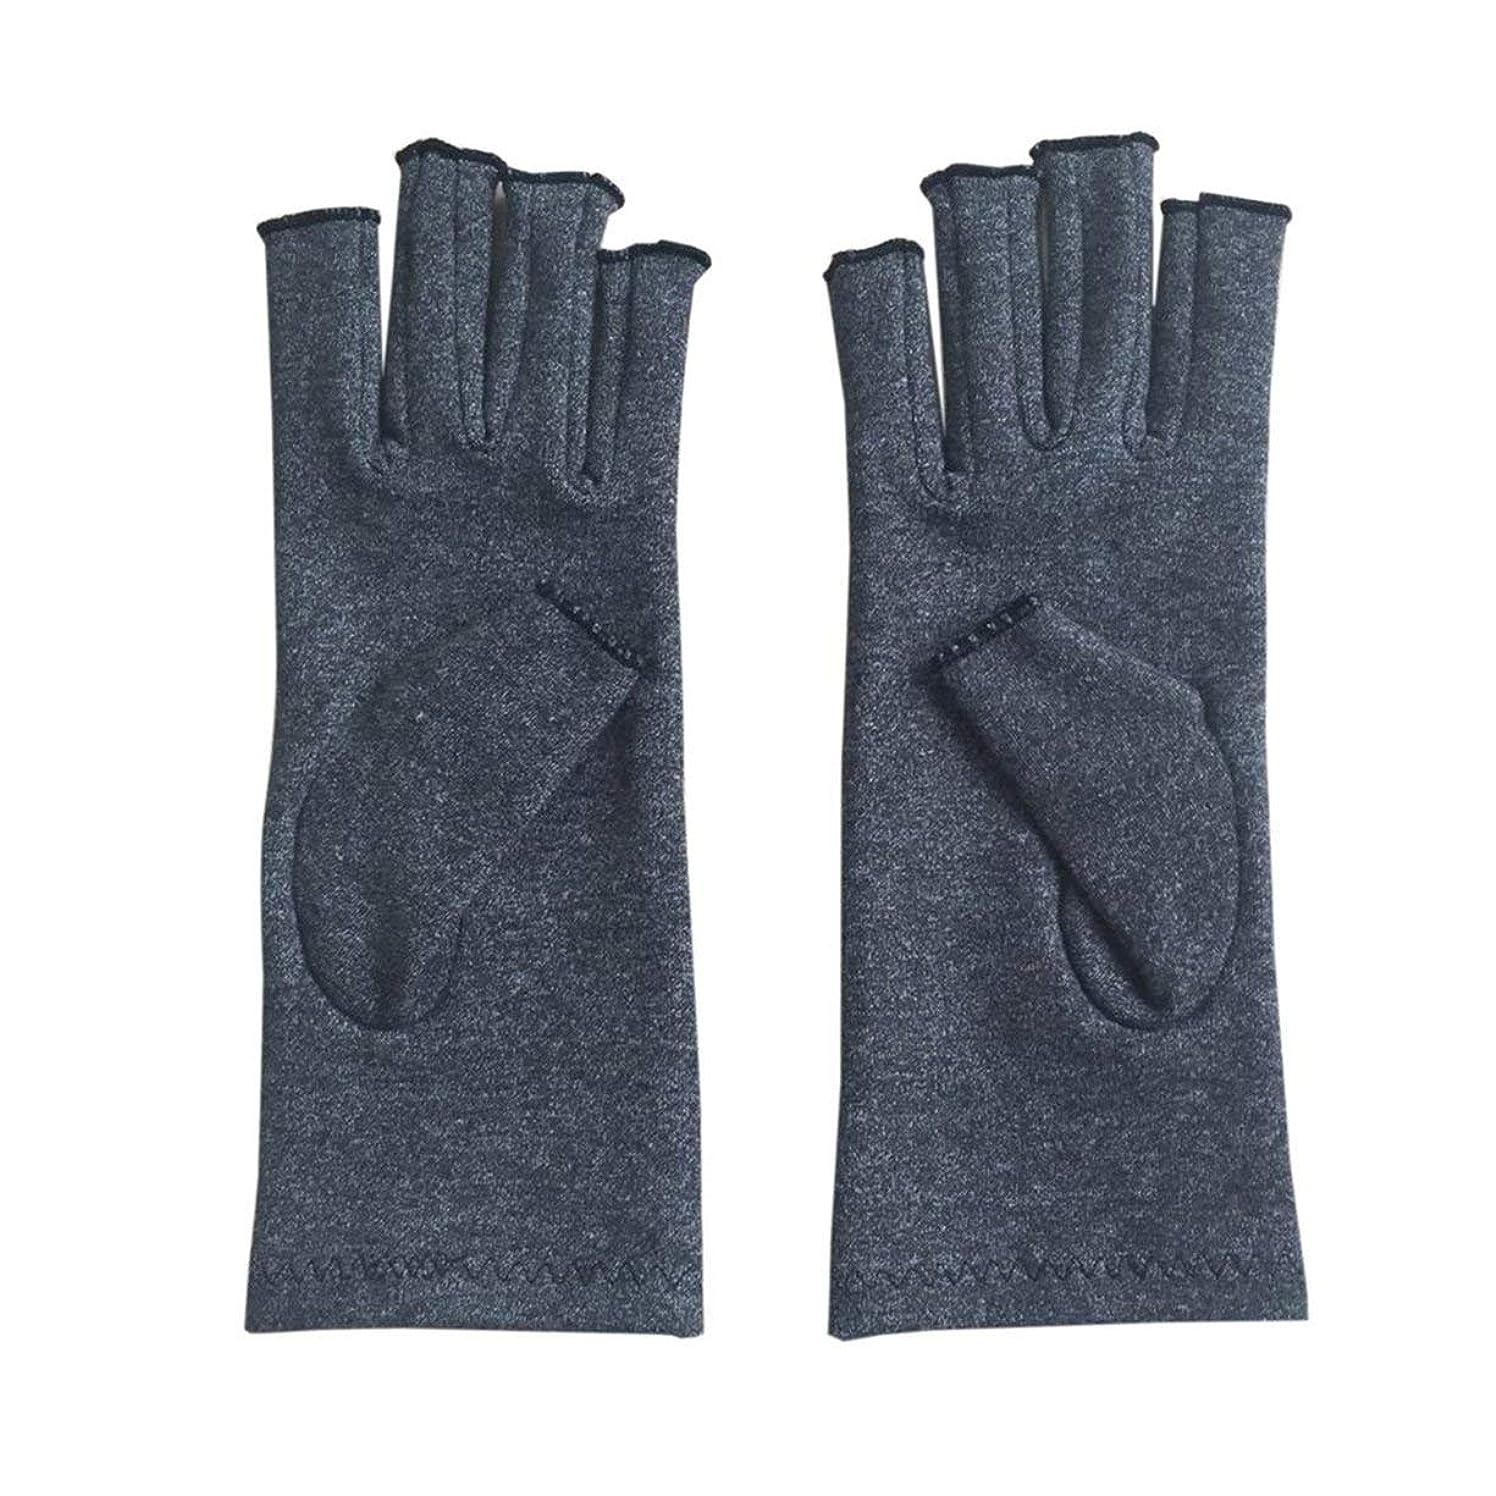 巨大フェミニンソロAペア/セットの快適な男性の女性療法の圧縮手袋ソリッドカラーの通気性関節炎関節痛軽減手袋 - グレーL